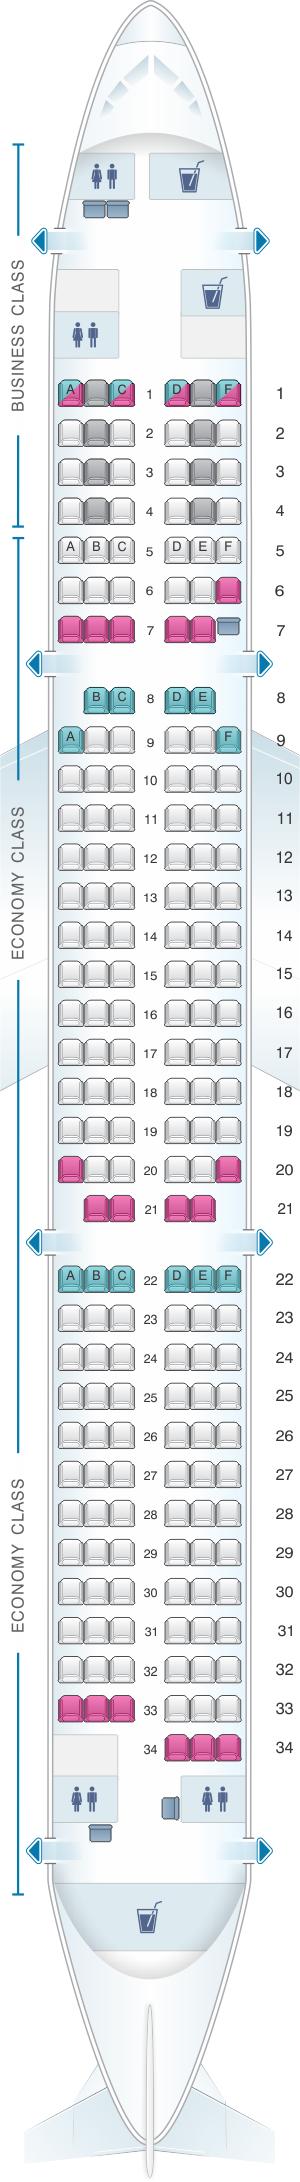 Seat map for Finnair Airbus A321 188PAX